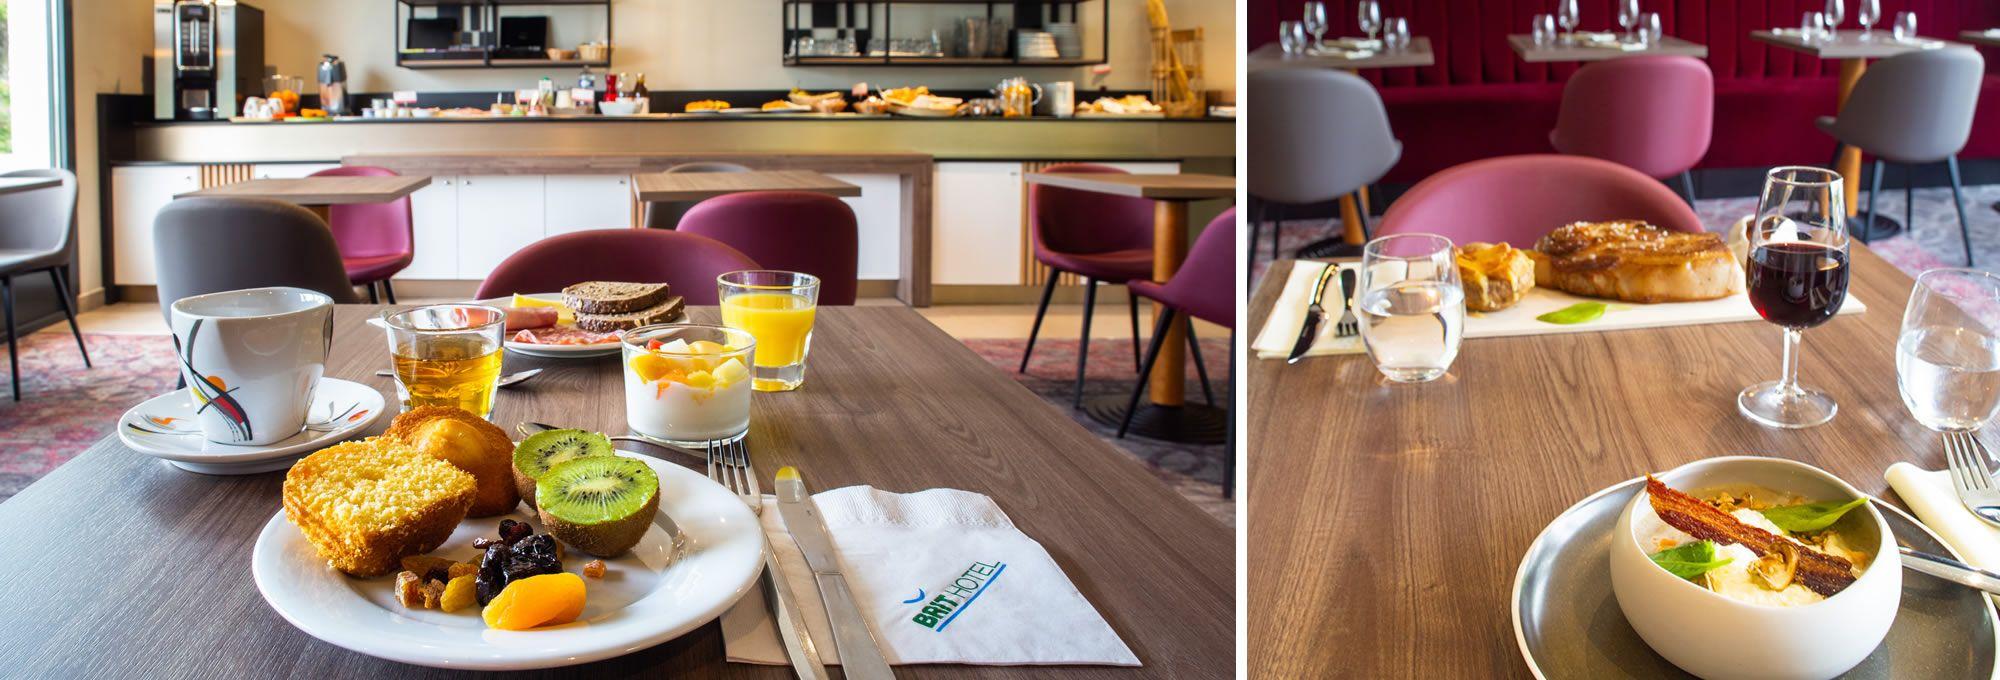 Petit déjeuner buffet et restaurant au Brit Hotel Caen